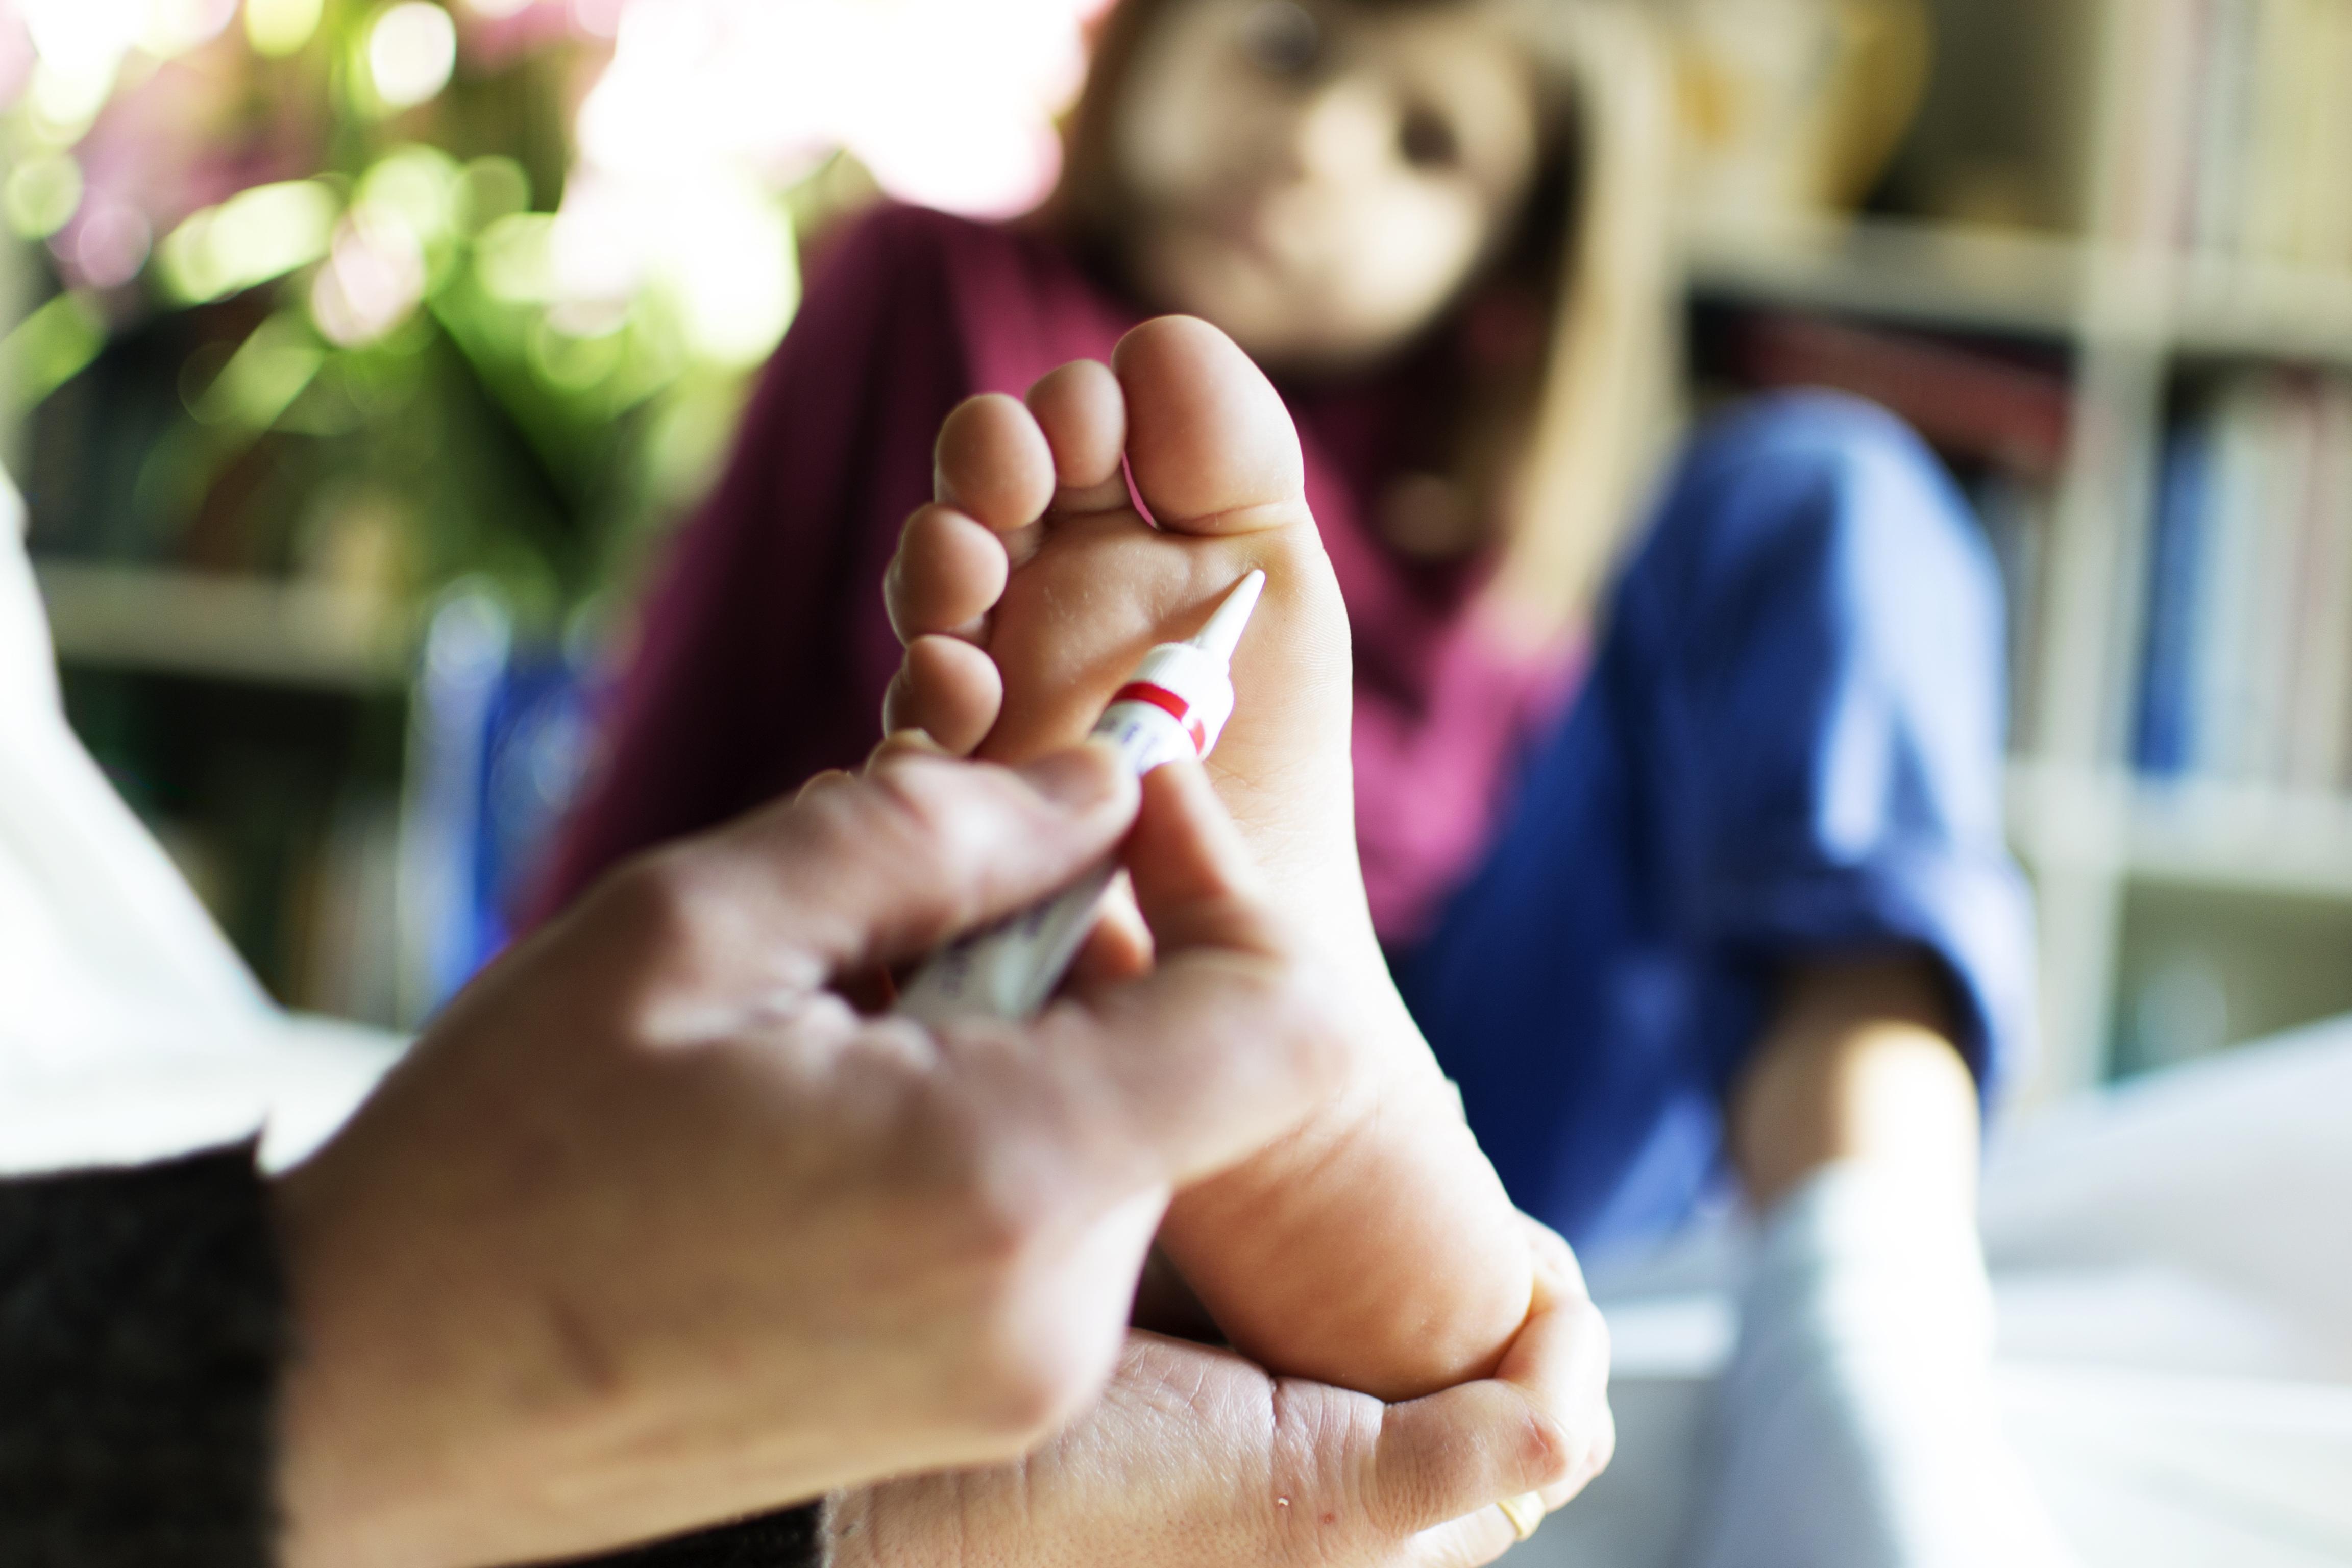 hatékony gyógymódok a nemi szemölcsök kezelésére)